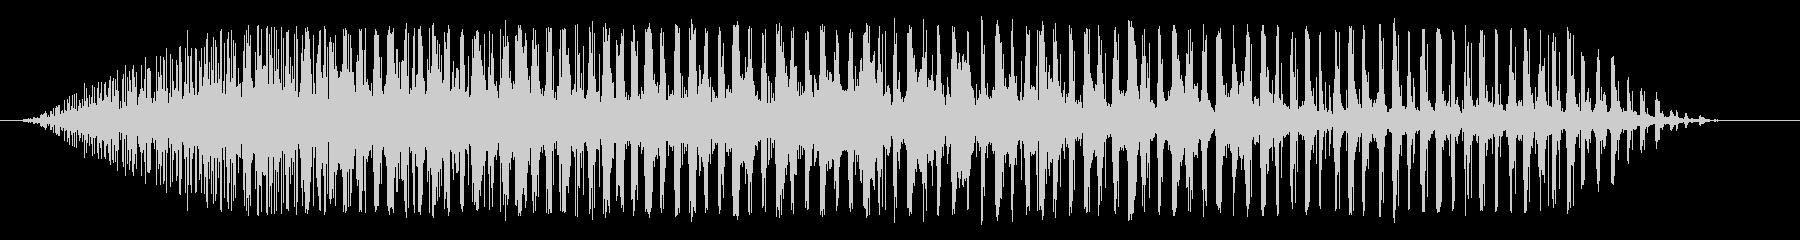 エルロシオアンビエンテビレッジの未再生の波形